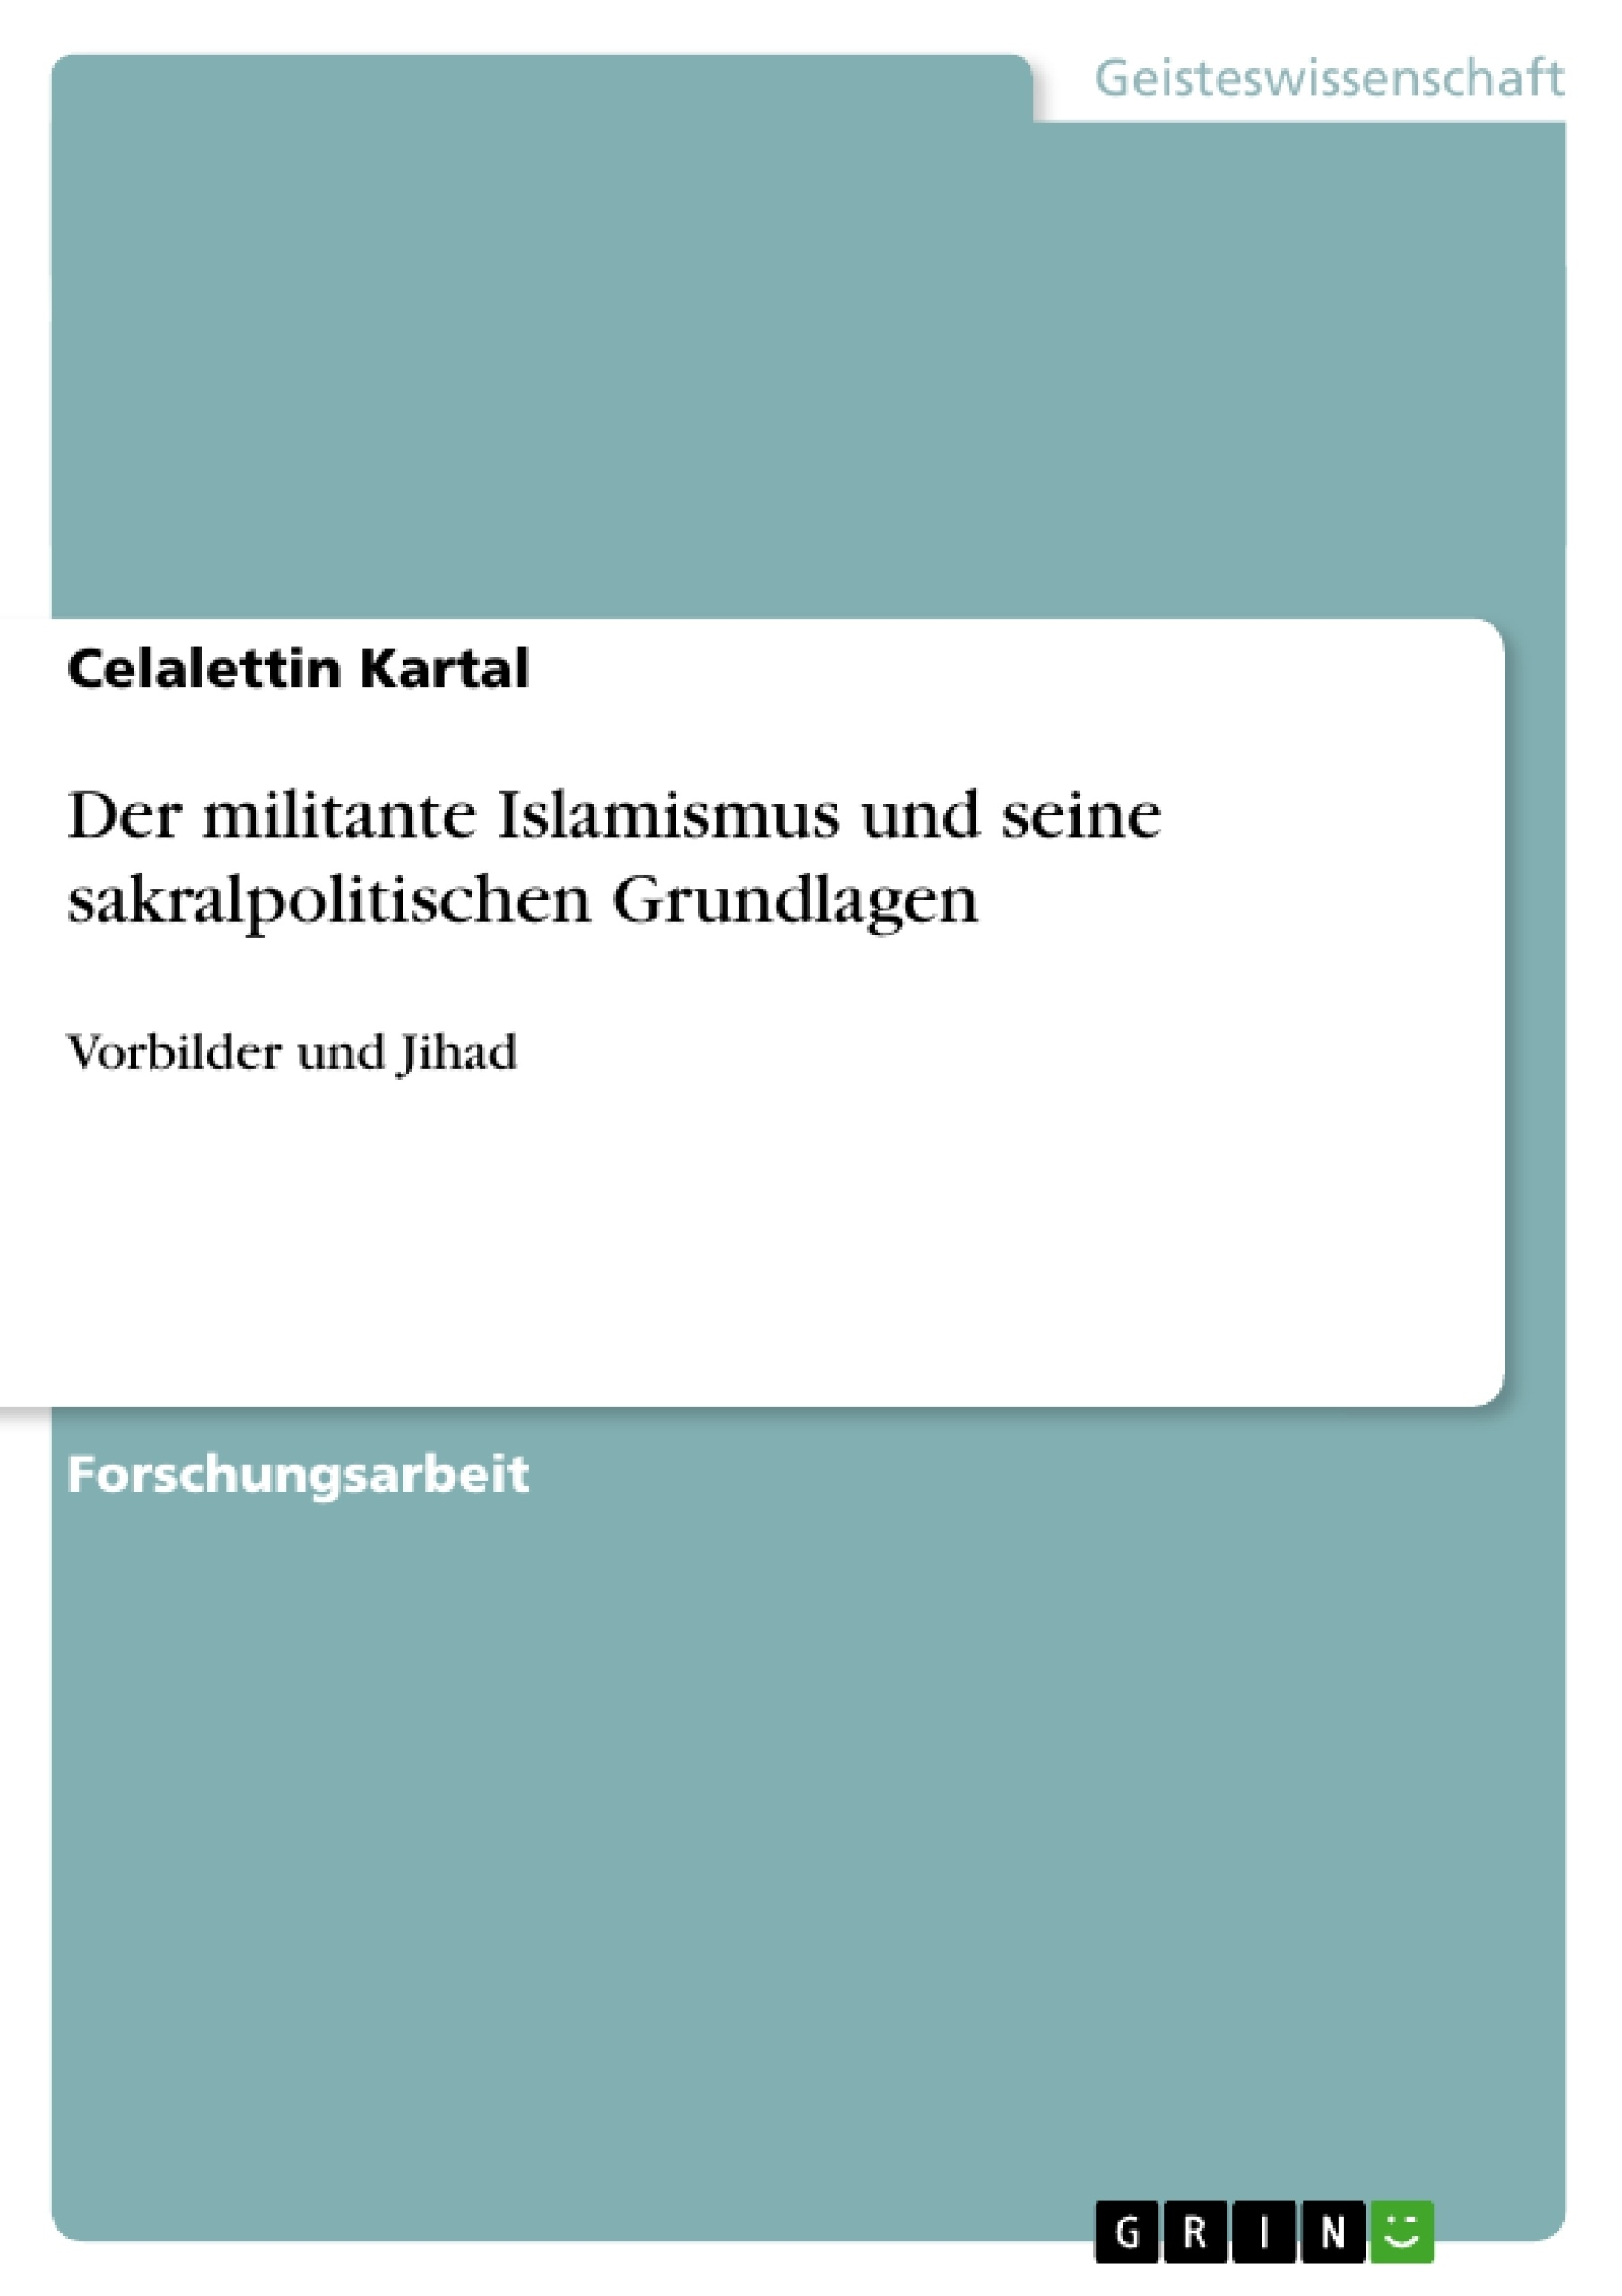 Titel: Der militante Islamismus und seine sakralpolitischen Grundlagen